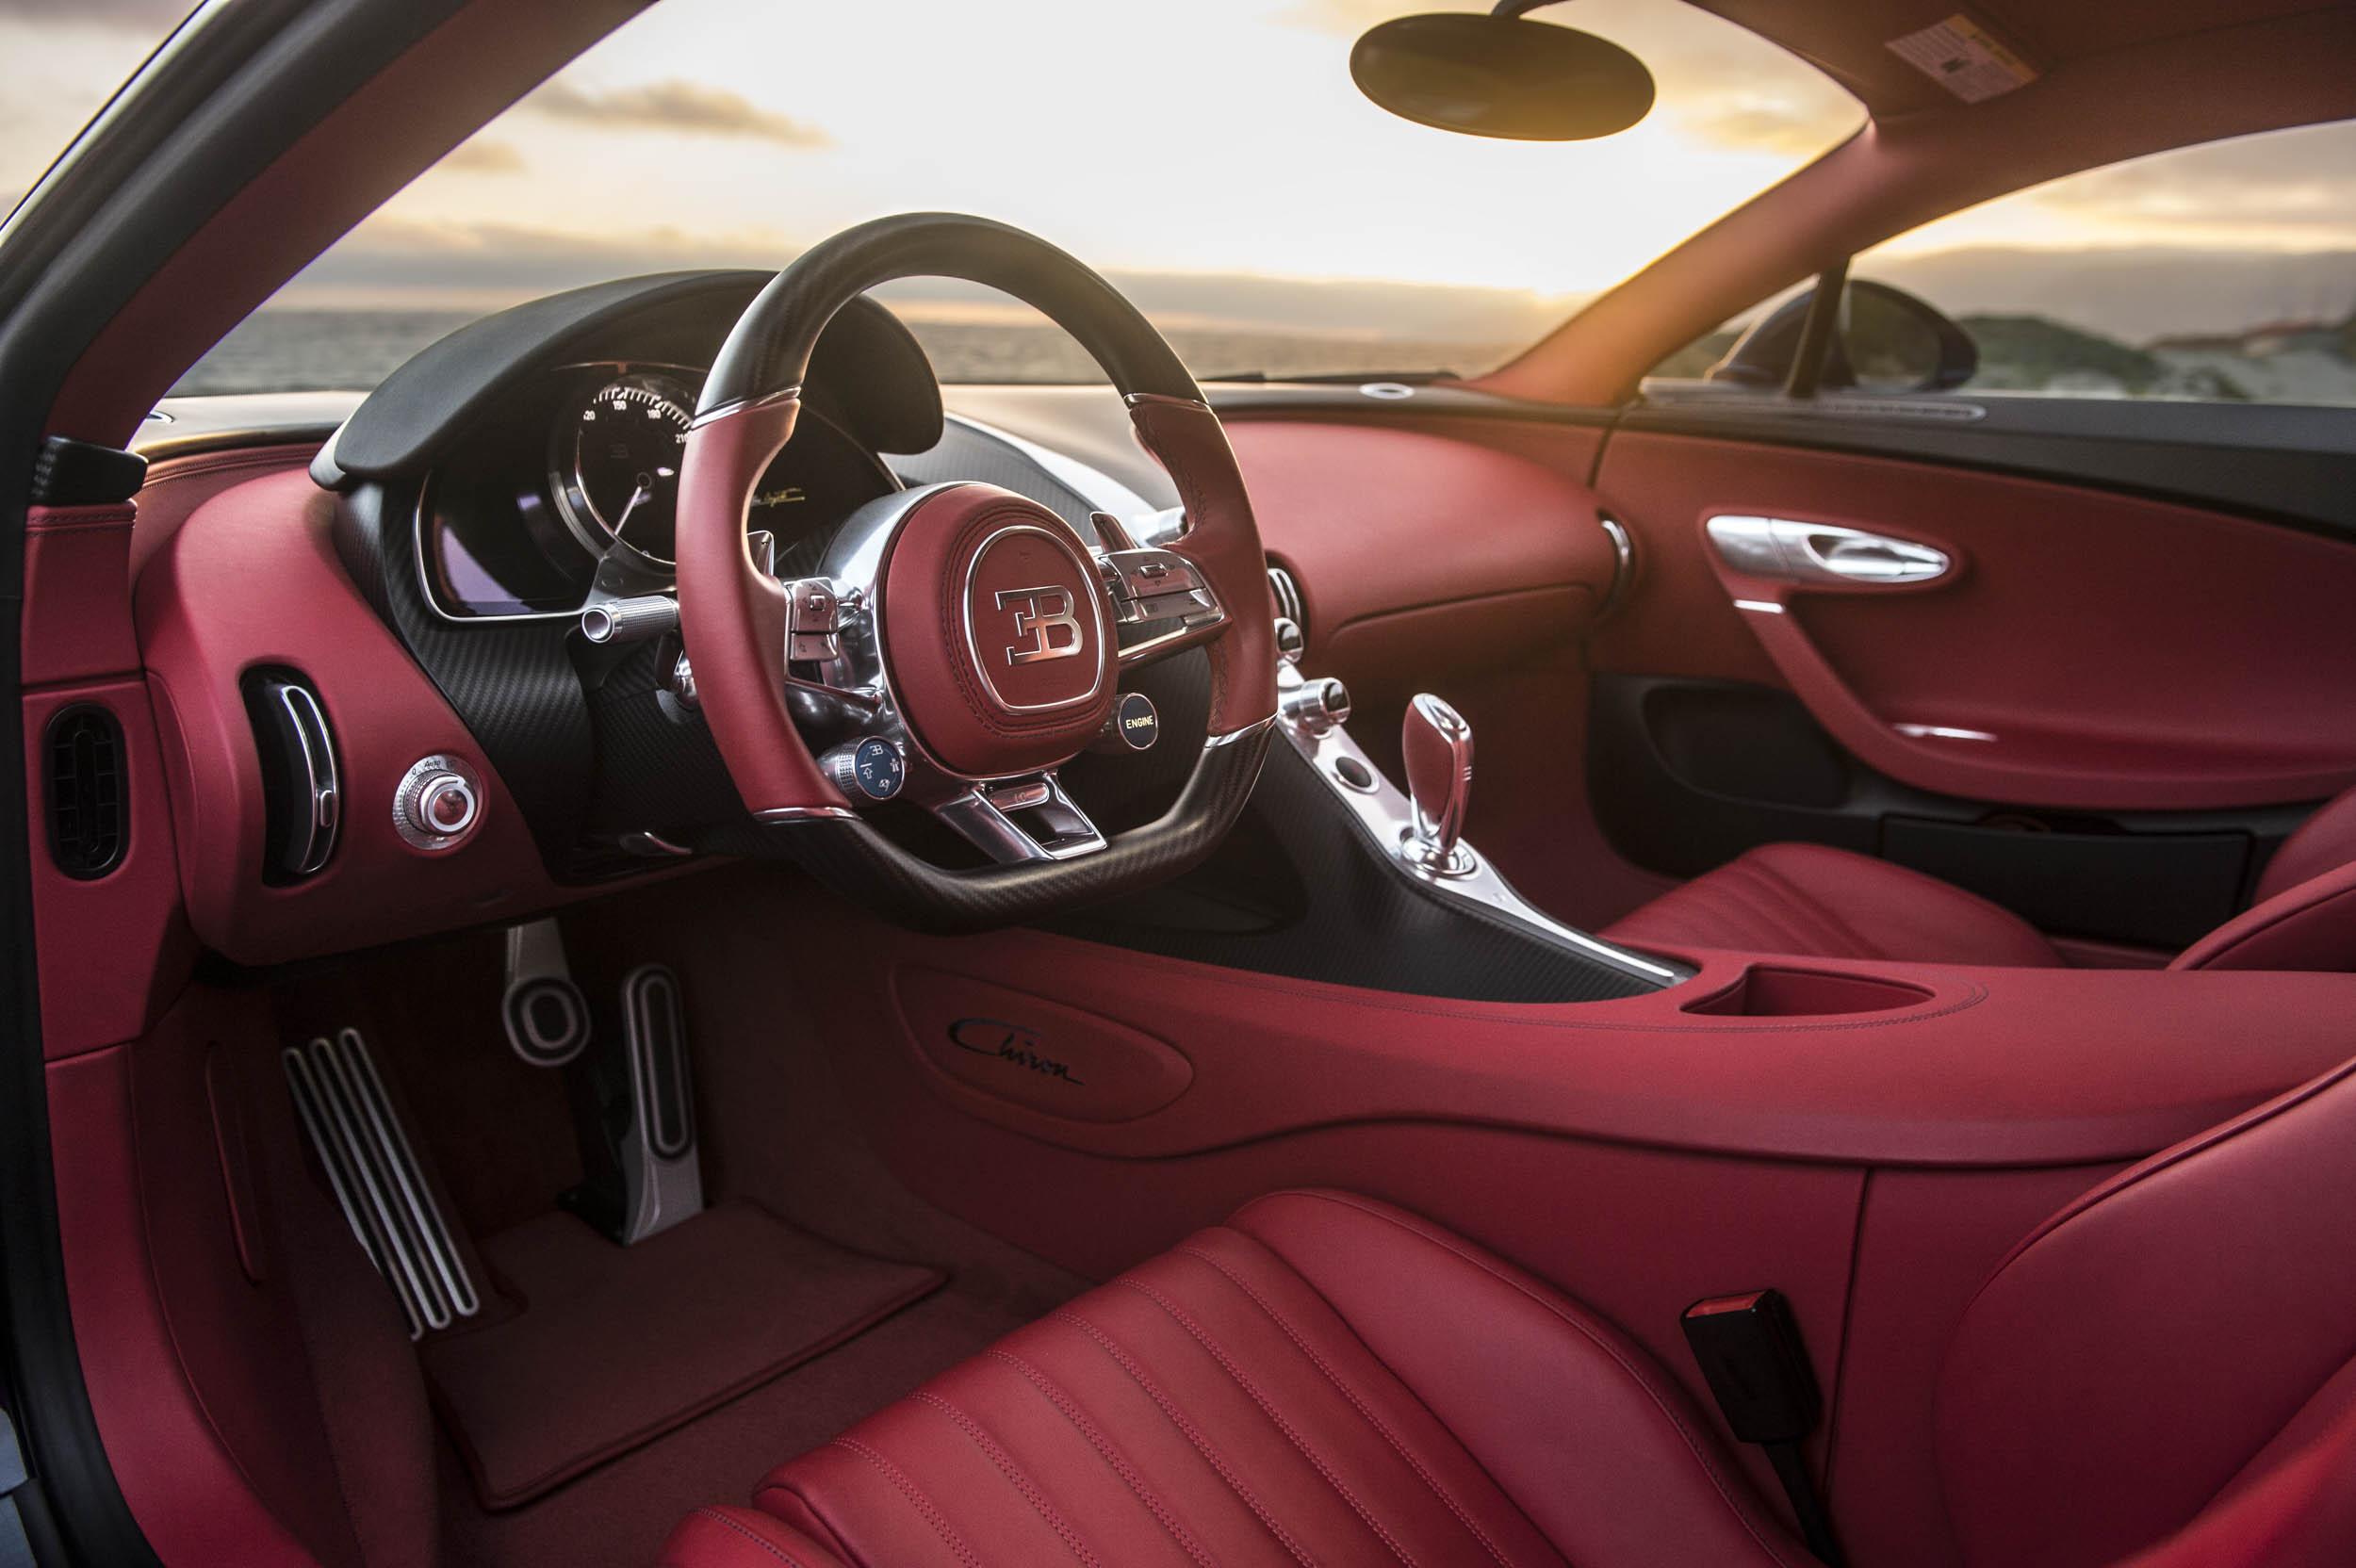 2018 Bugatti Chiron drivers seat